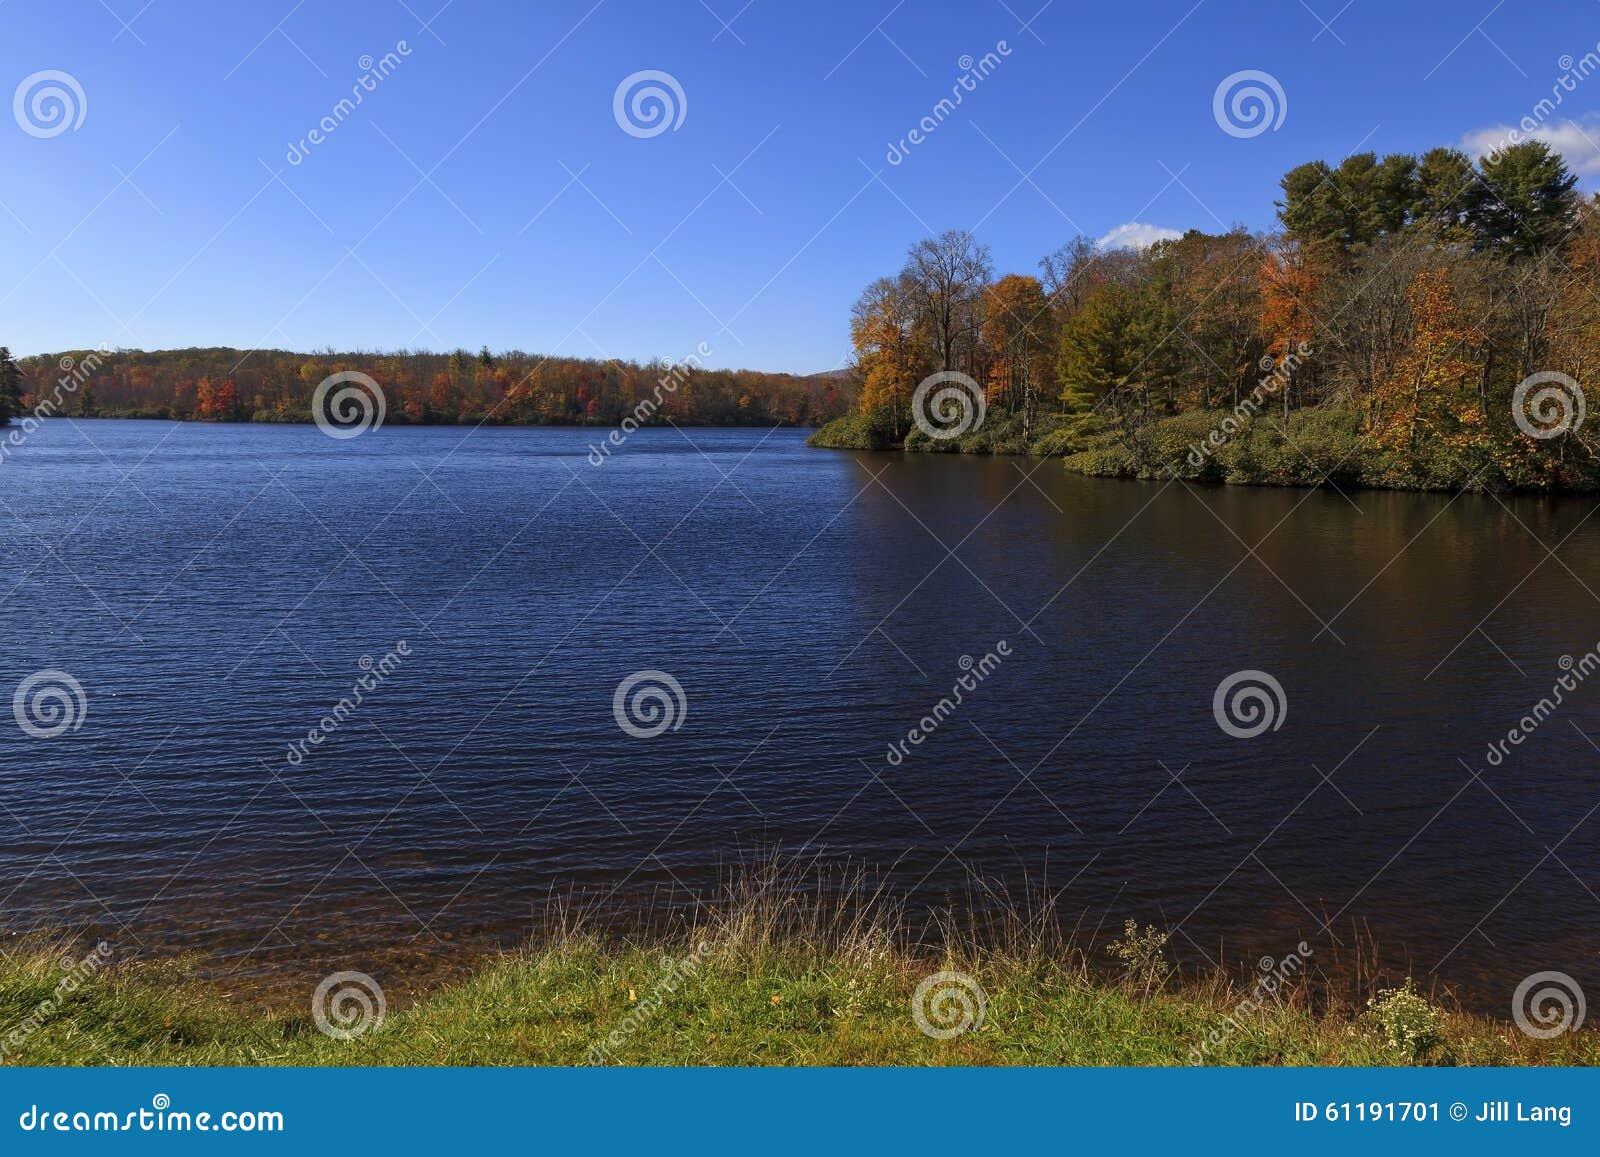 Julian Price Lake at Blowing Rock, North Carolina